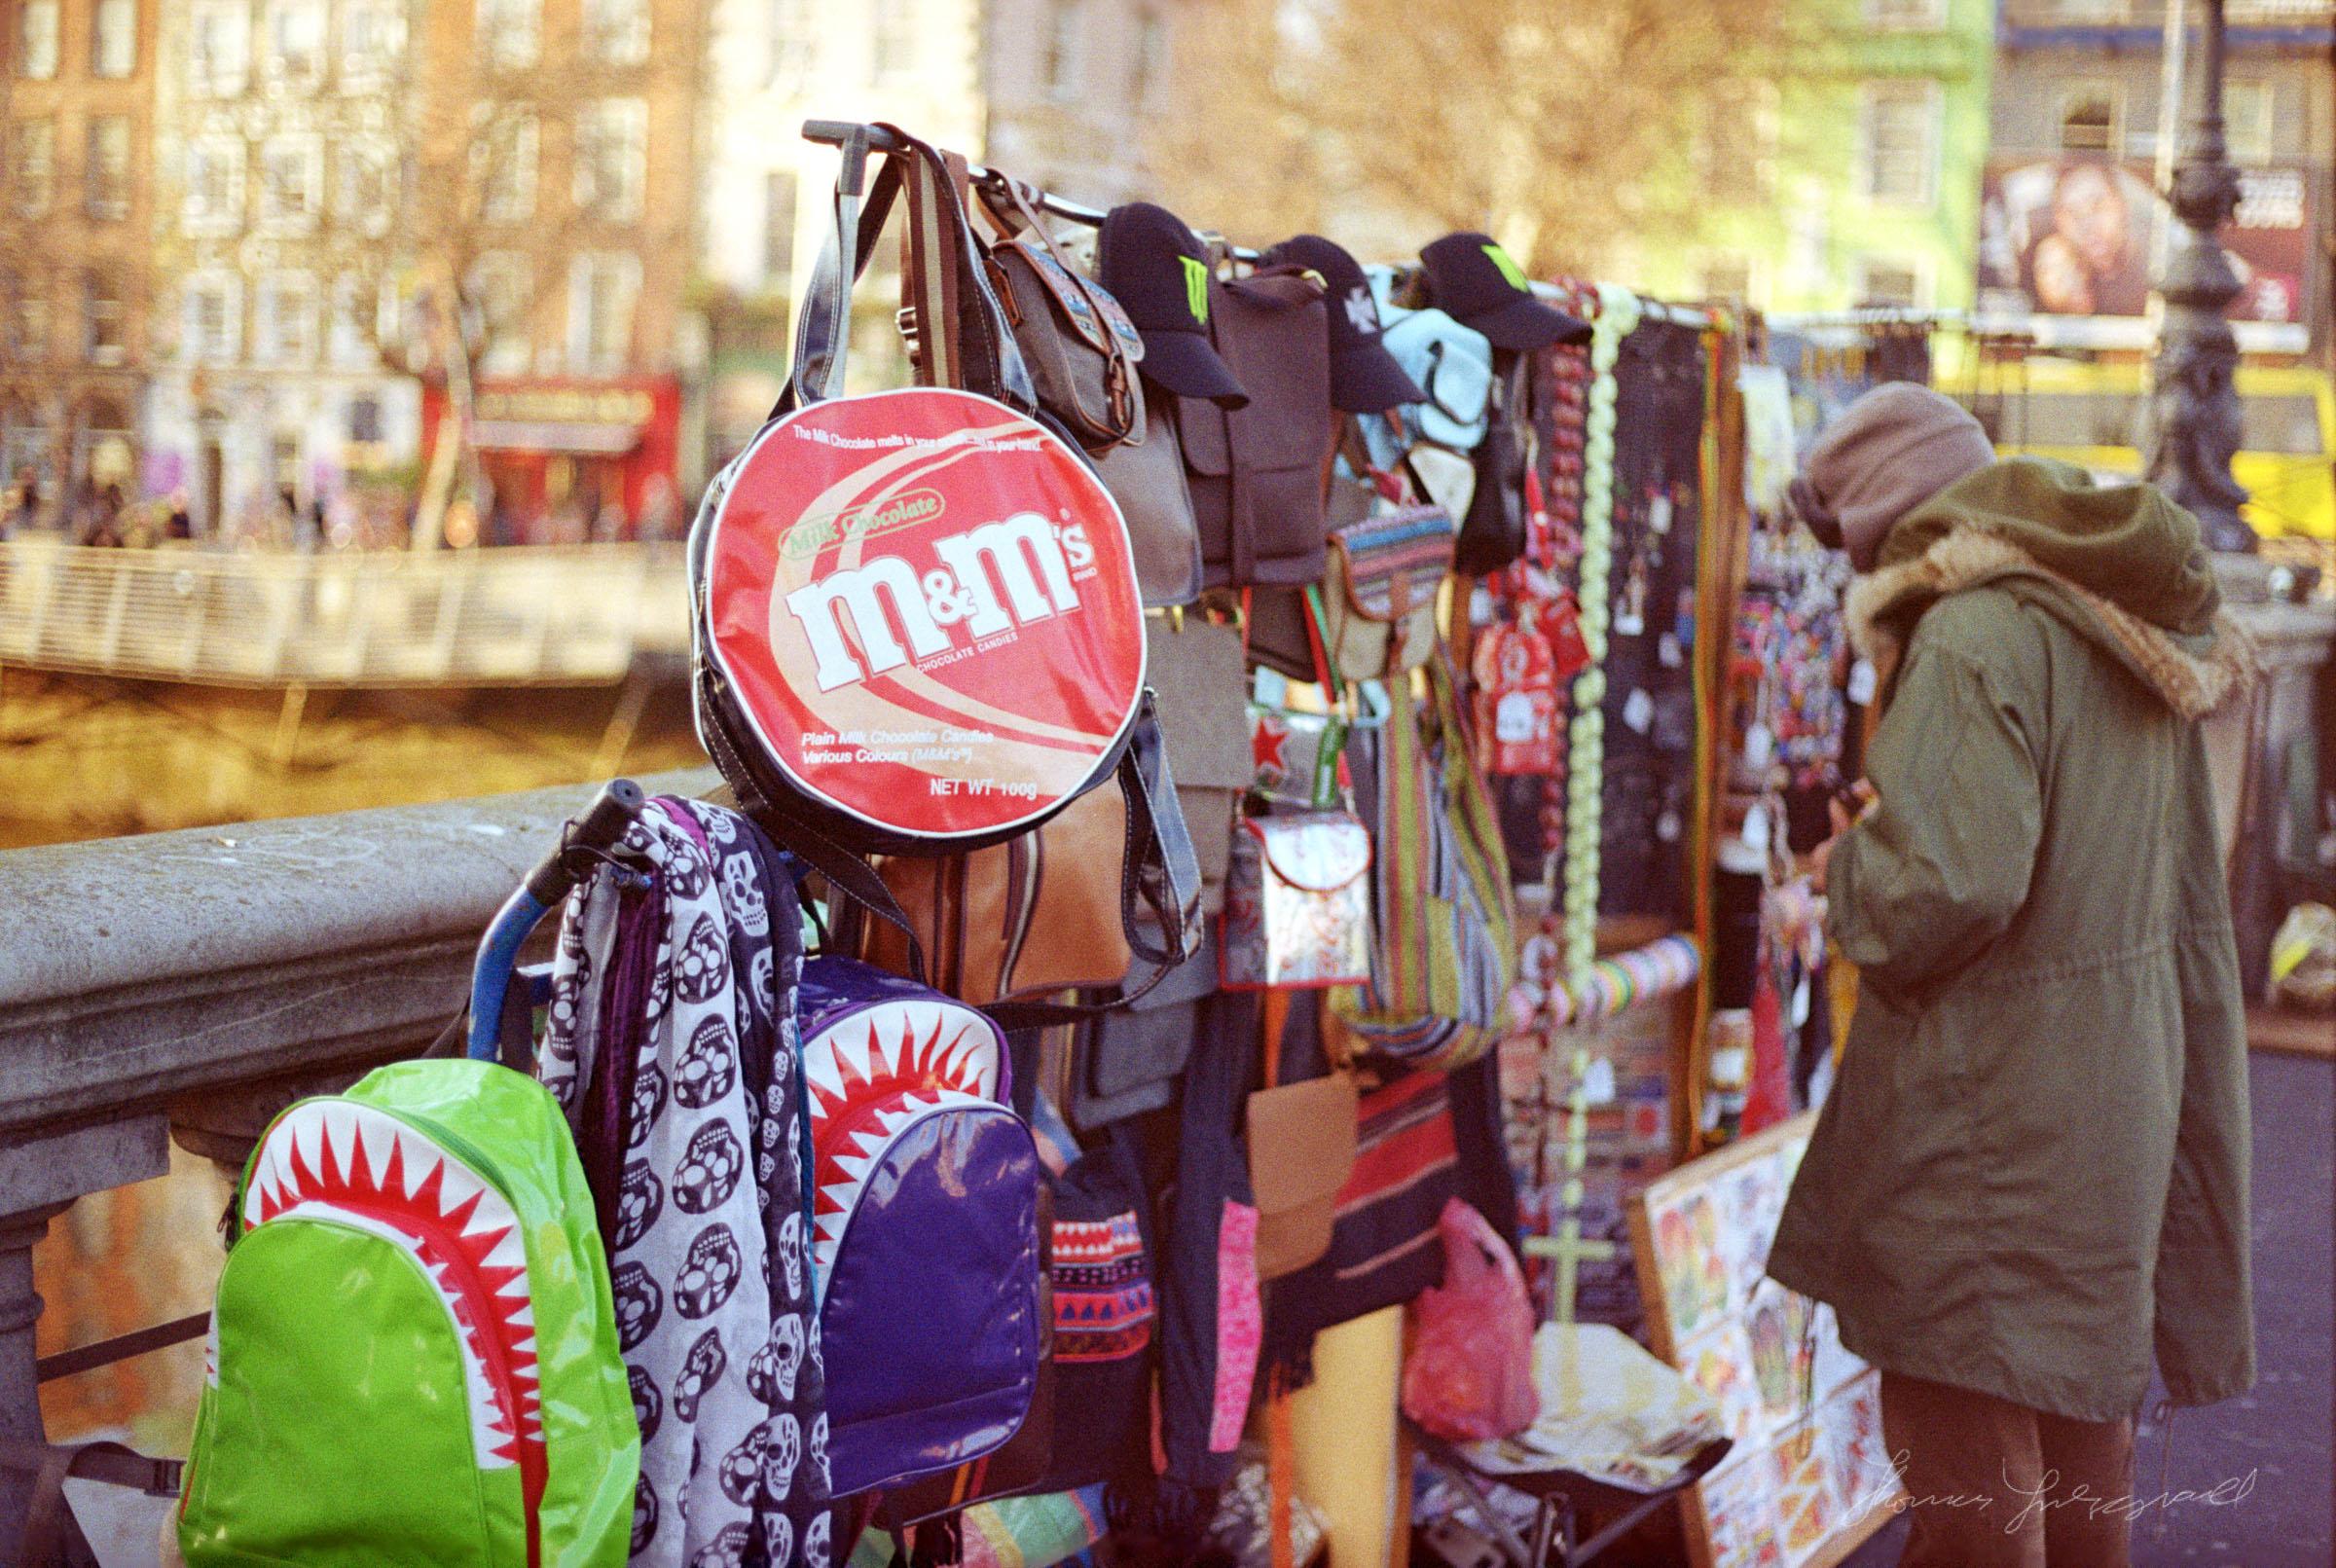 Bag seller on O'Connell Bridge, Dublin, Dublin on Film - Streets of Dublin